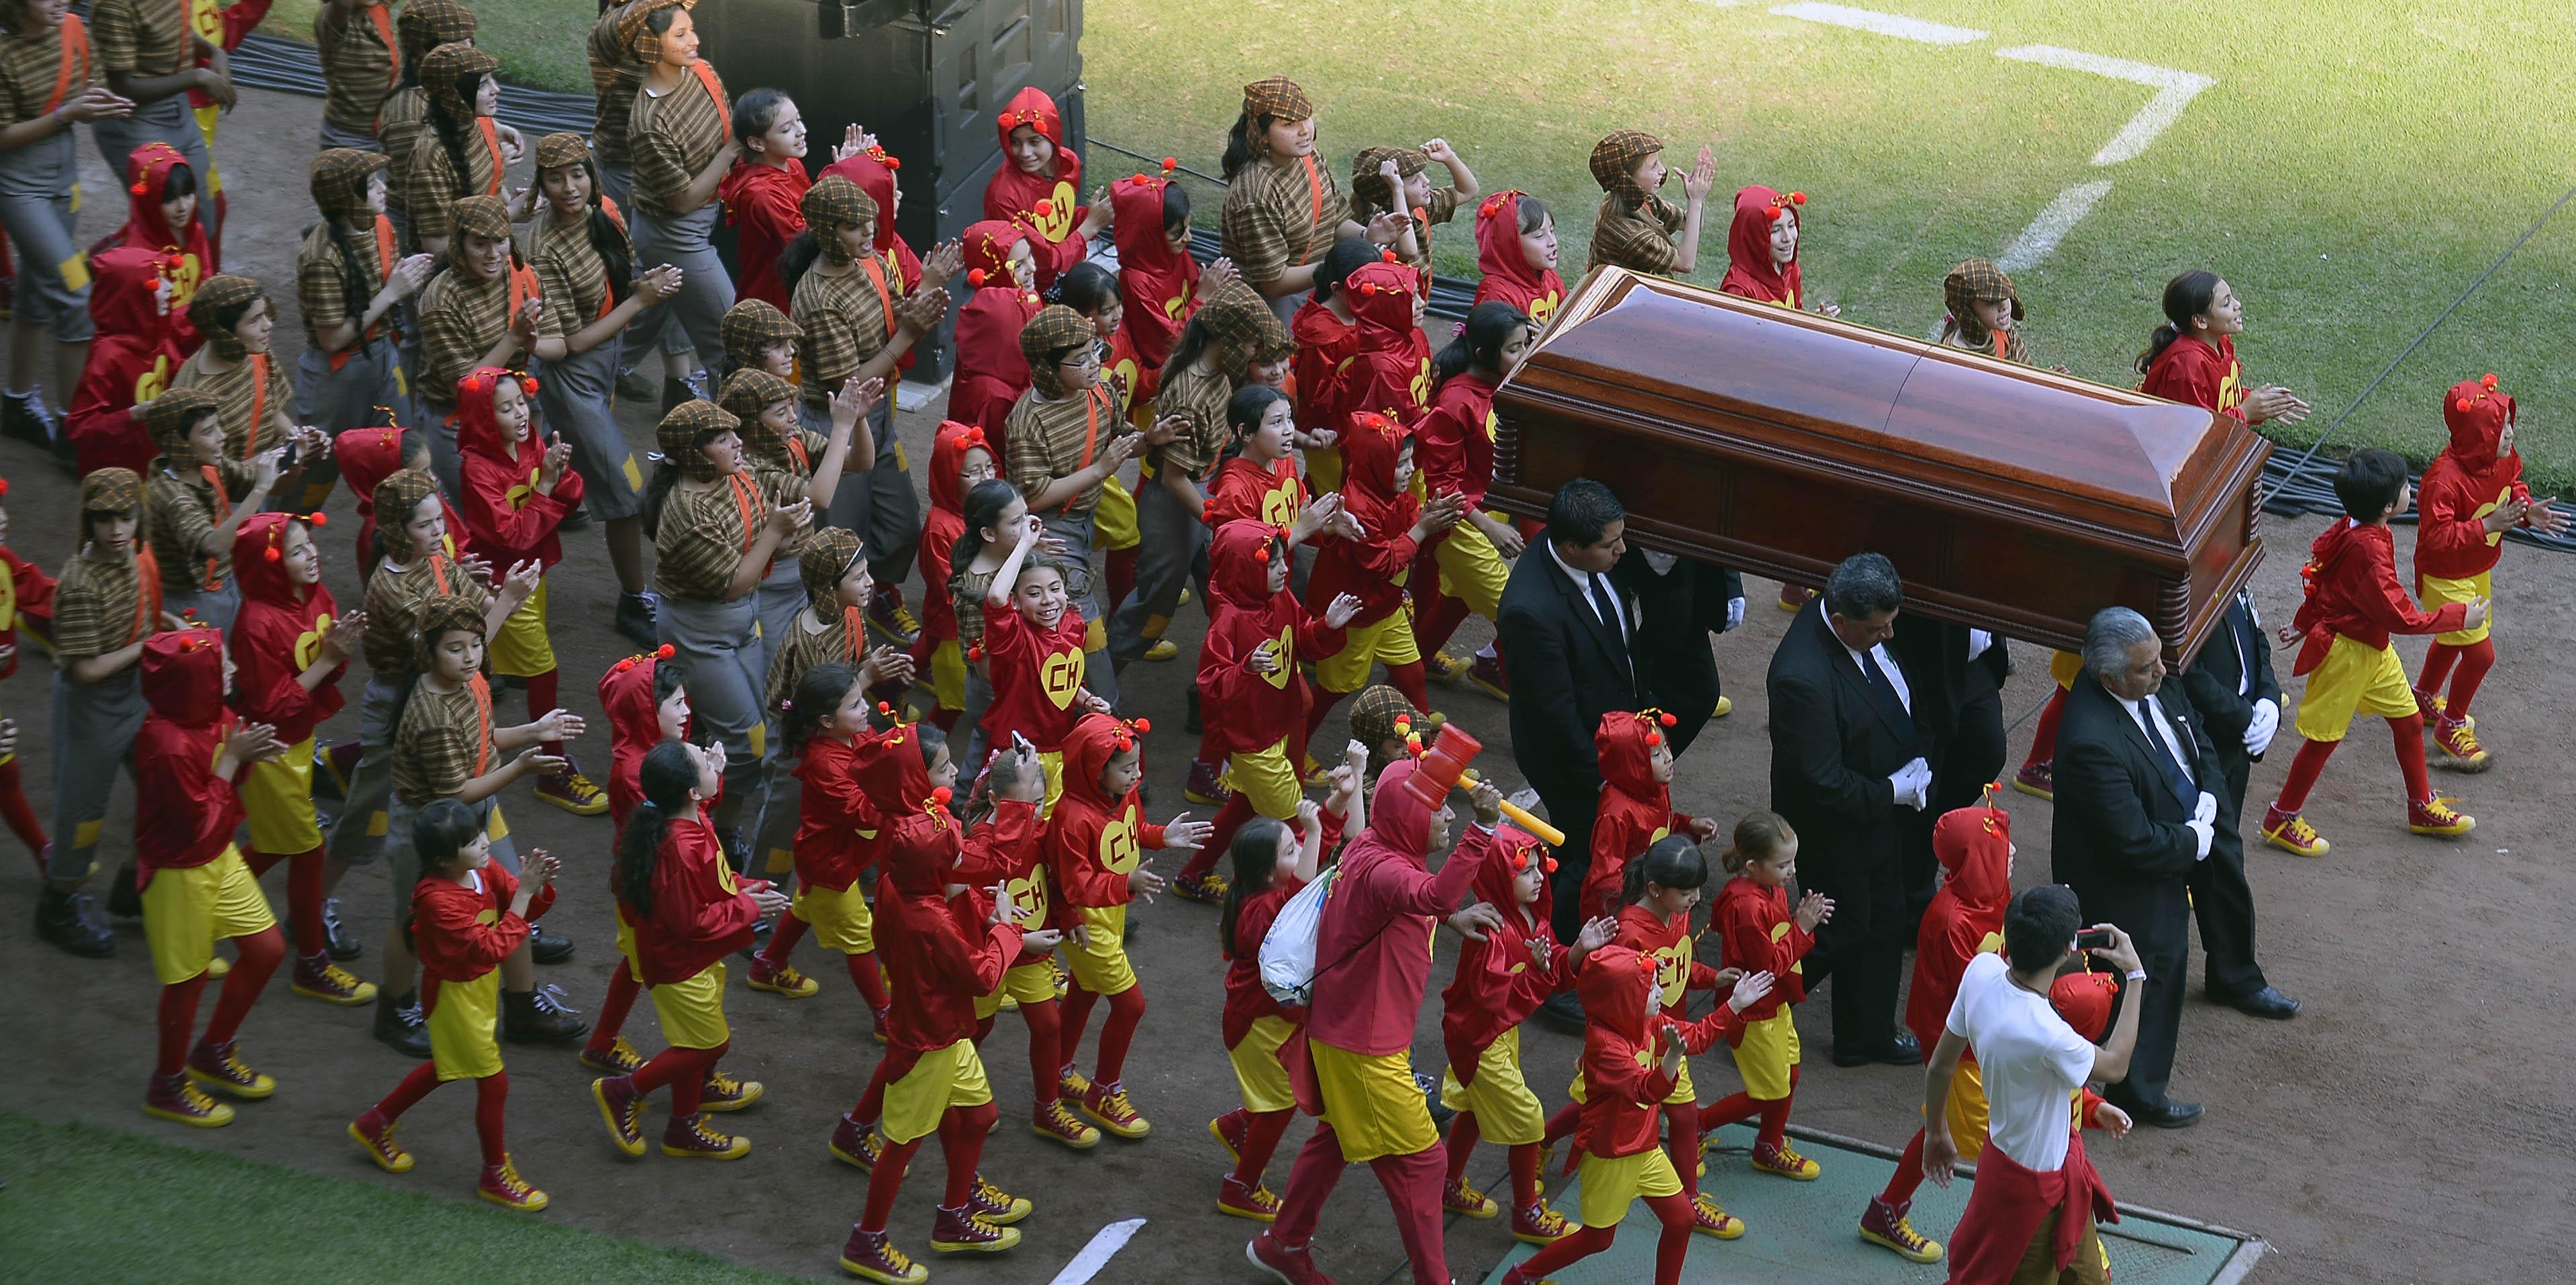 30/11/2014 - Caixão com corpo de Roberto Bolaños chega ao estádio Azteca rodeado de pessoas vestidas de 'Cahpolin'